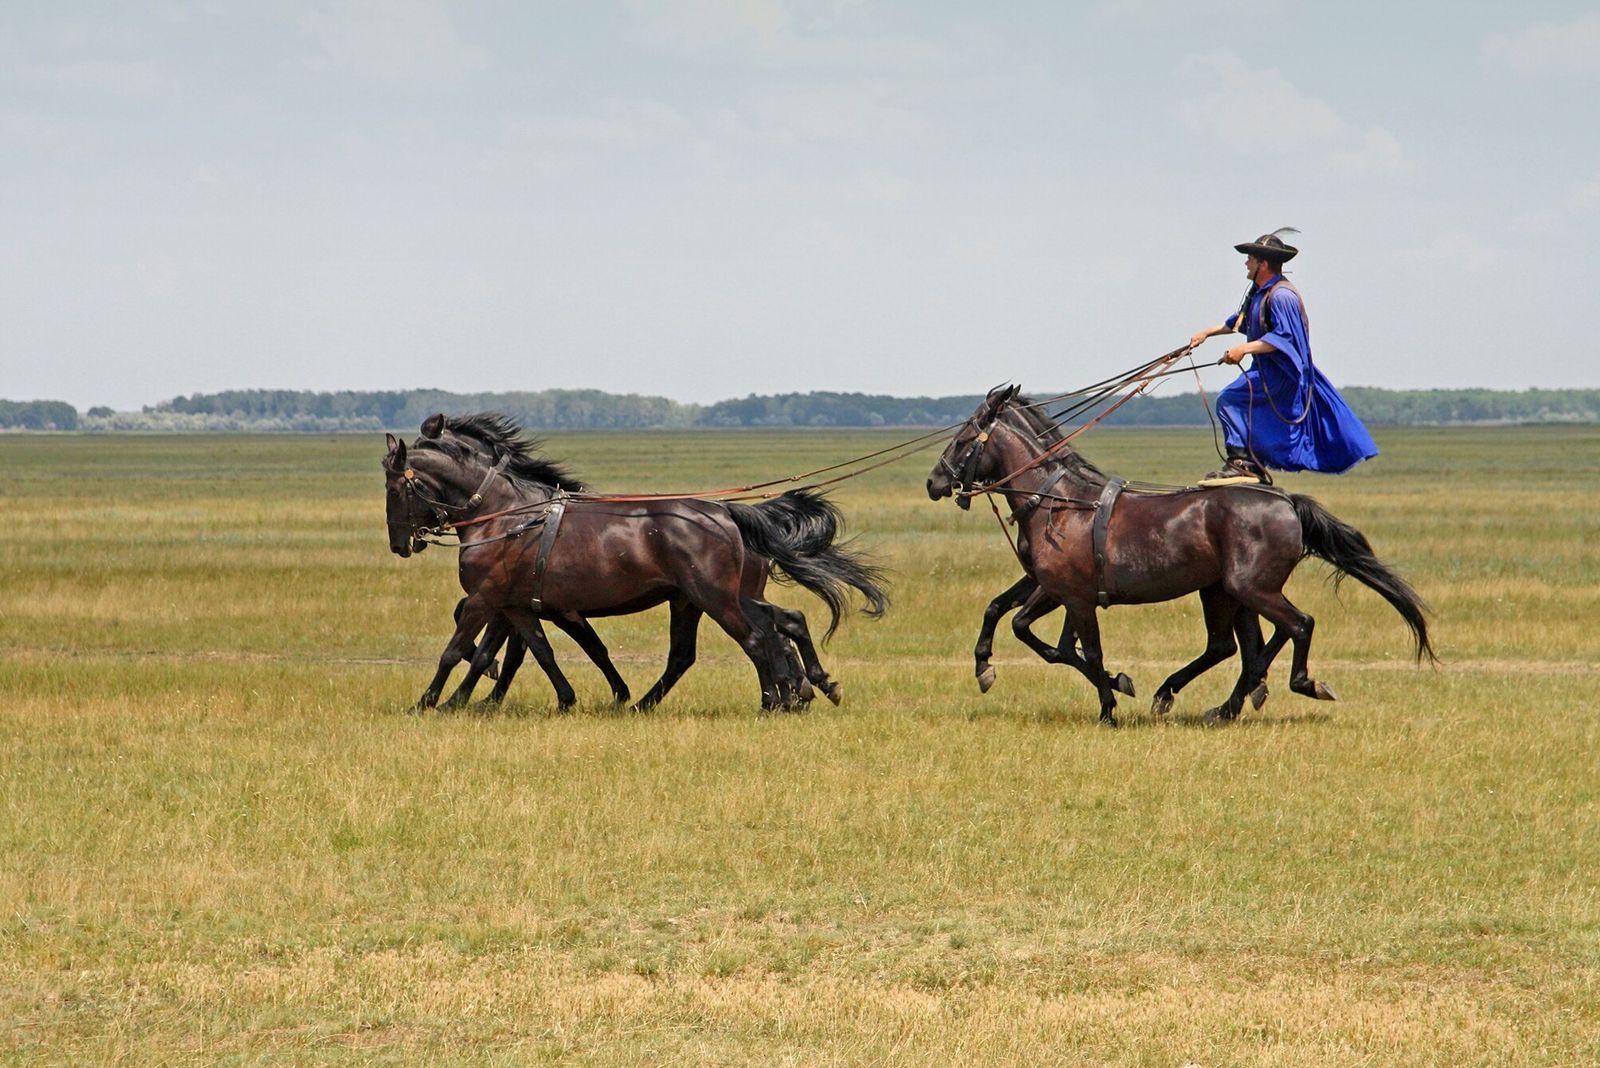 Hortobágy, Hungria | Um csikós húngaro (um tradicional pastor de cavalos) exibe suas habilidades de equitação no ...